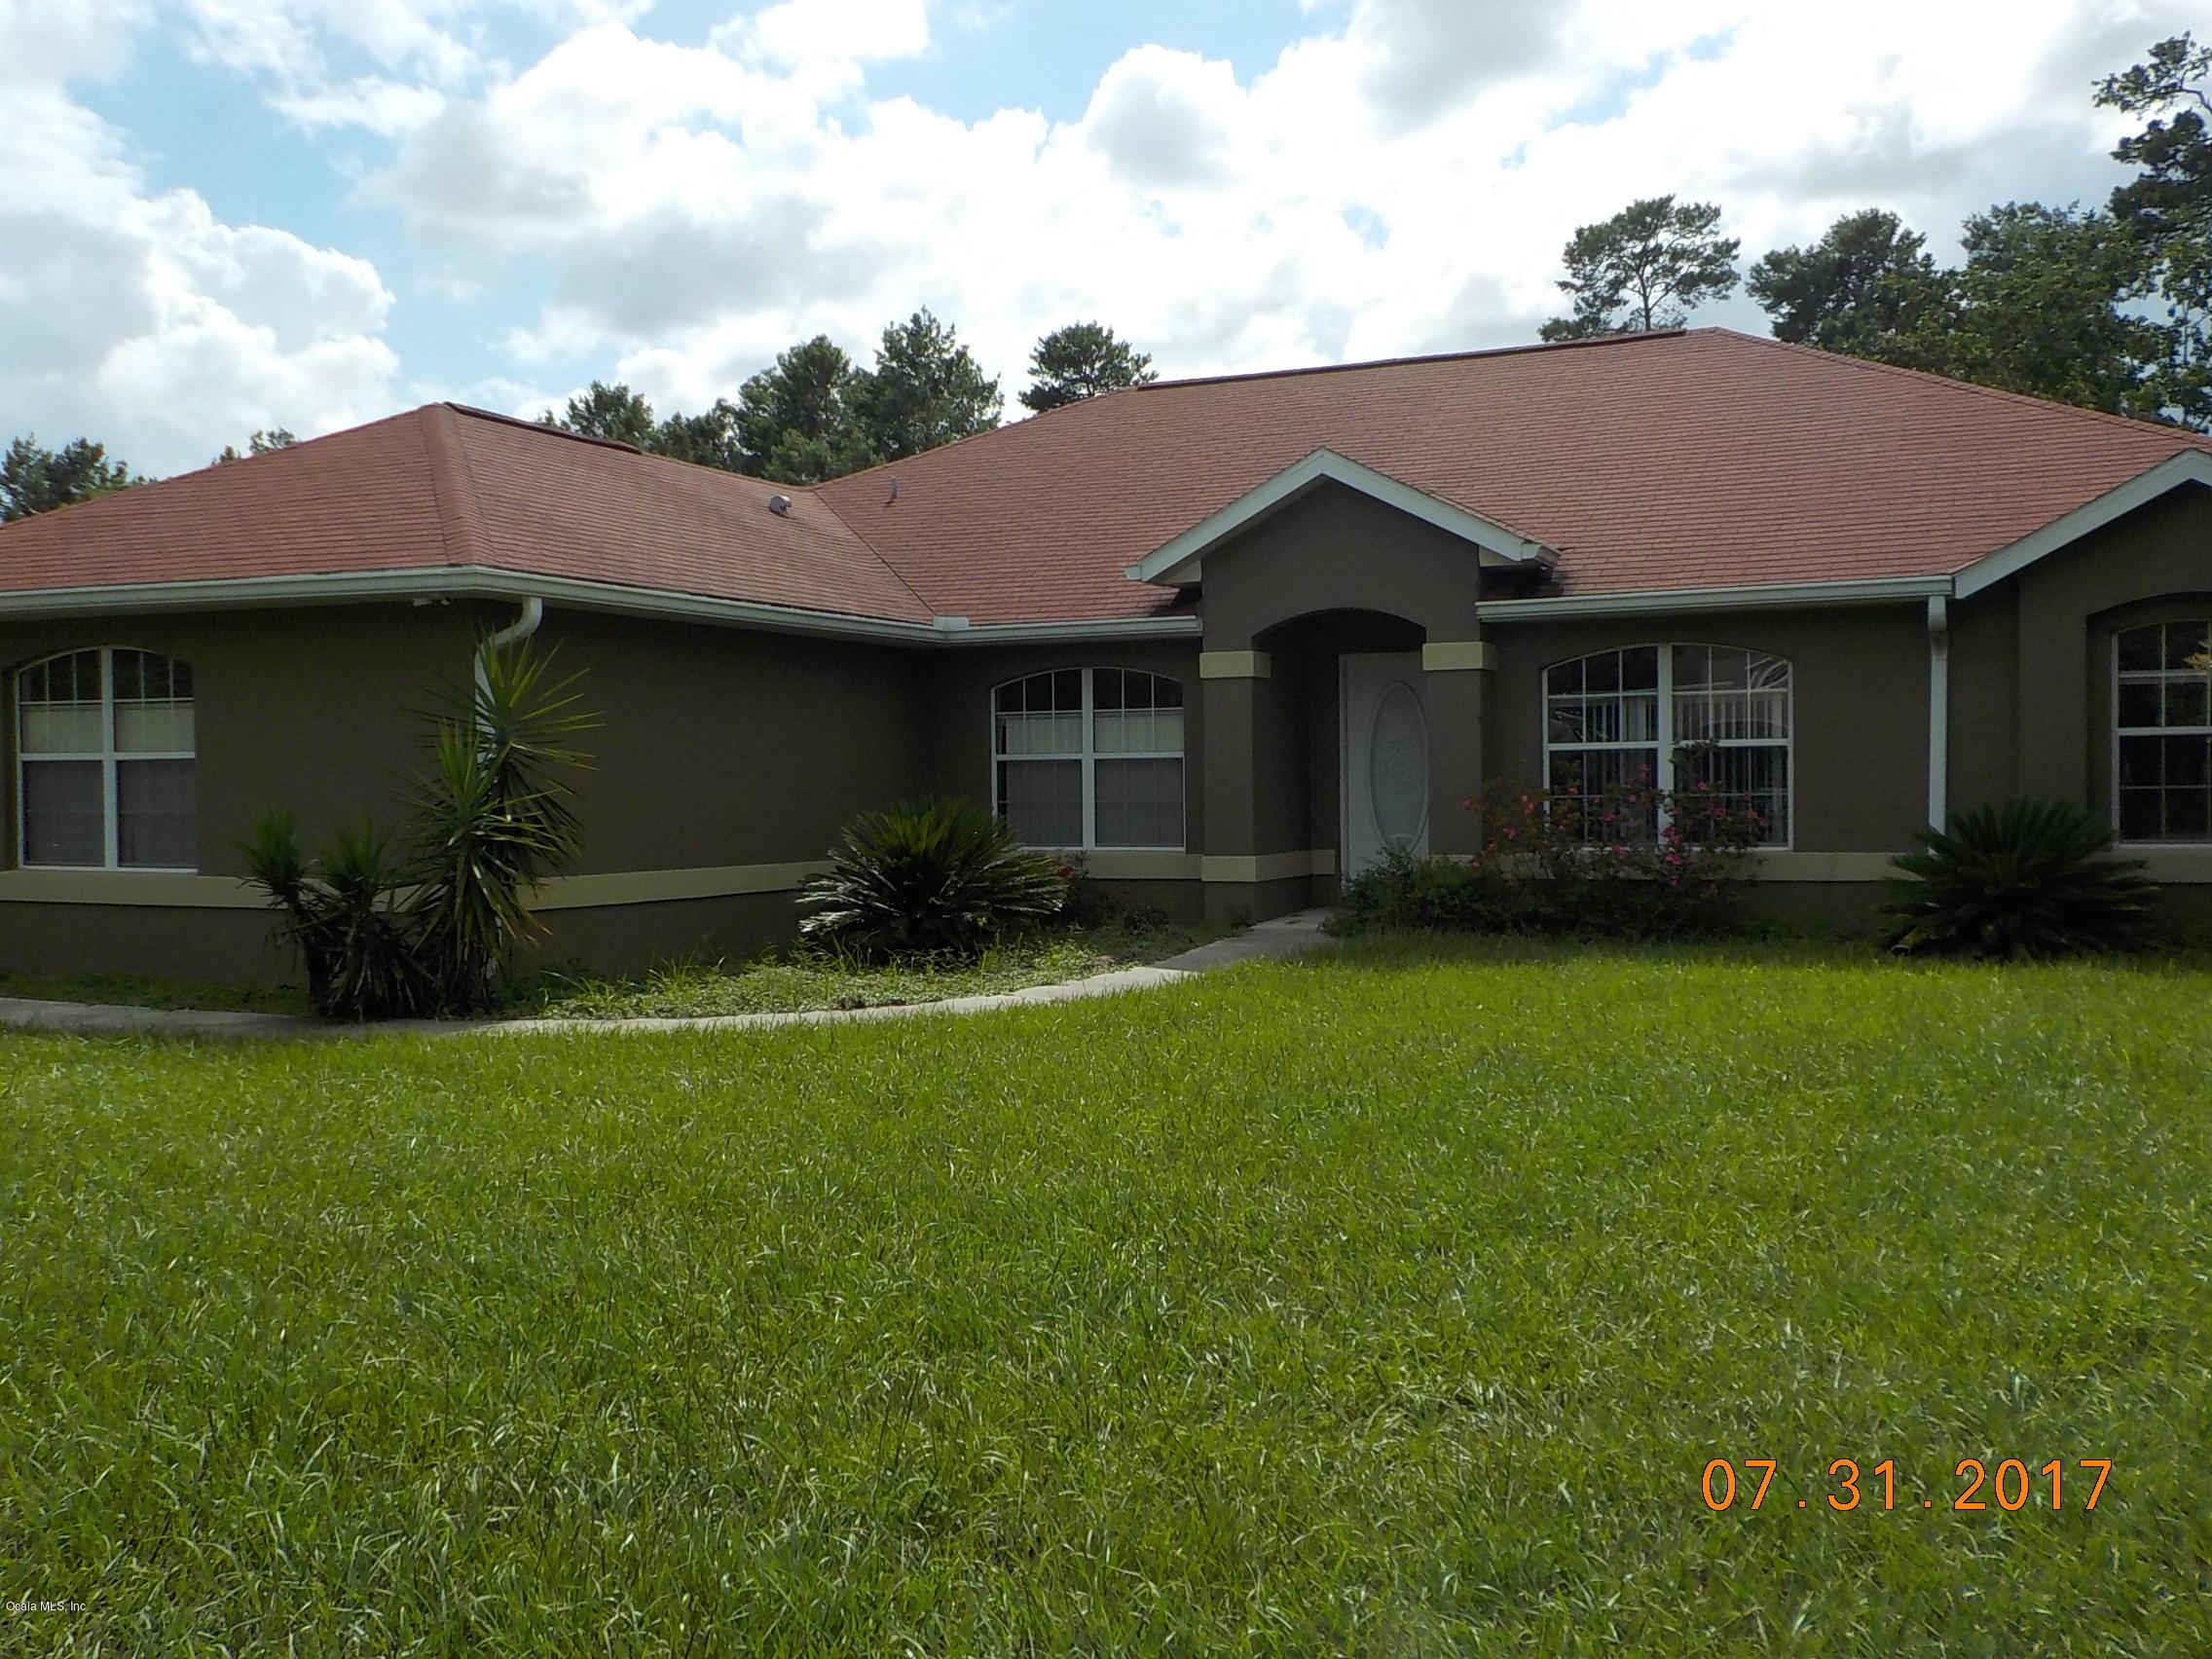 9612 SW 44TH AVENUE, OCALA, FL 34476